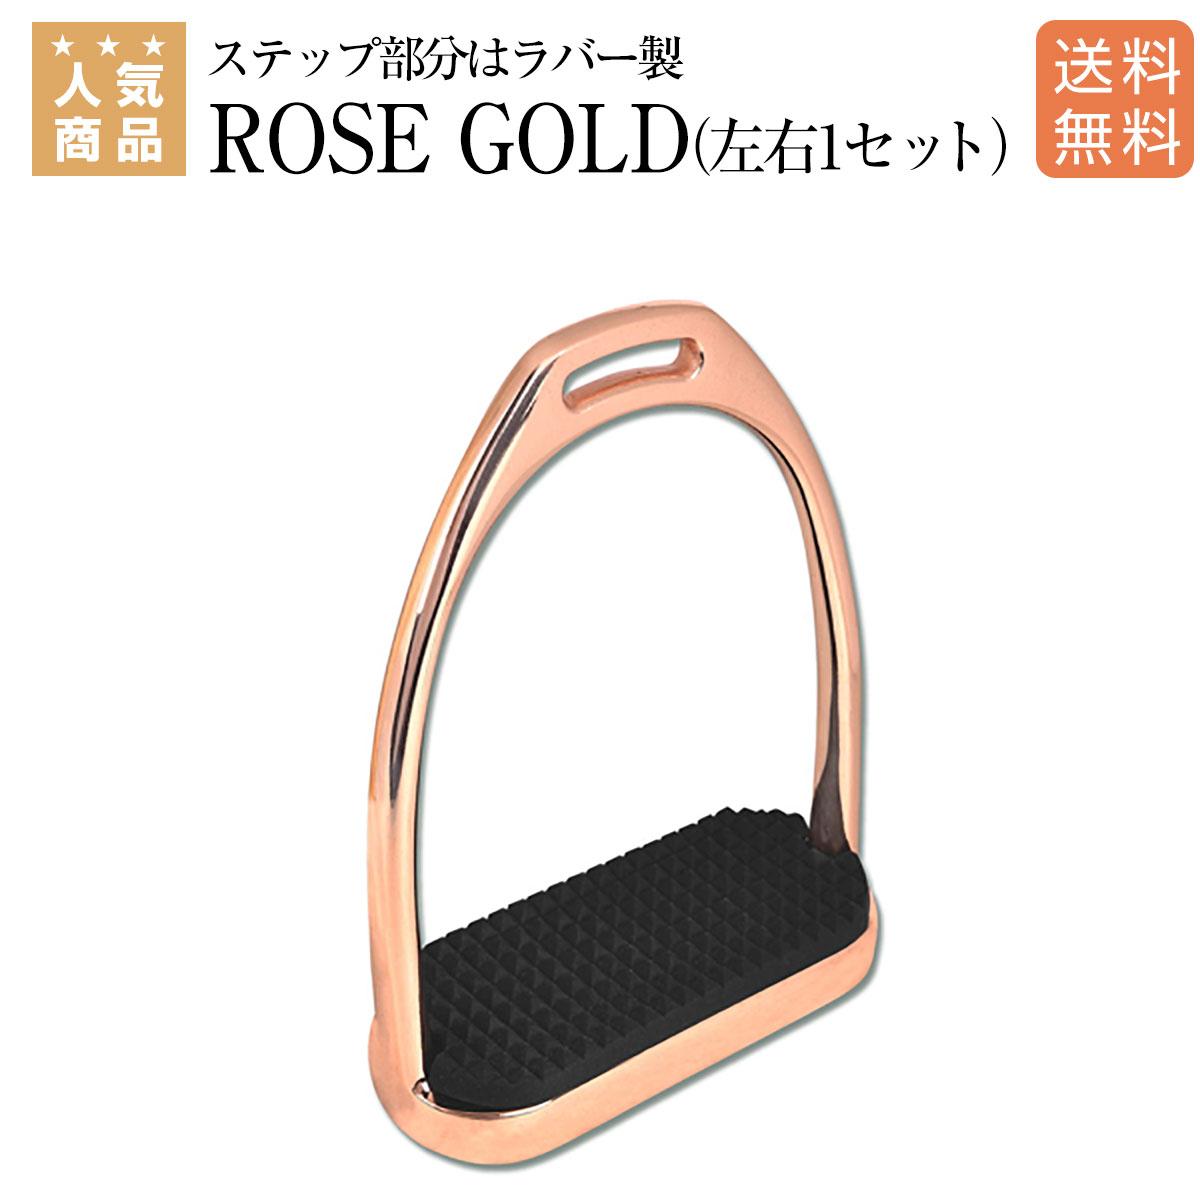 【月間優良ショップ】乗馬 鞍 鐙 鐙革 鞍カバー その他鞍付属品 WALDHAUSEN(ヴァルドハウゼン) -ROSE GOLD- 鐙(左右1セット) 乗馬用品 馬具